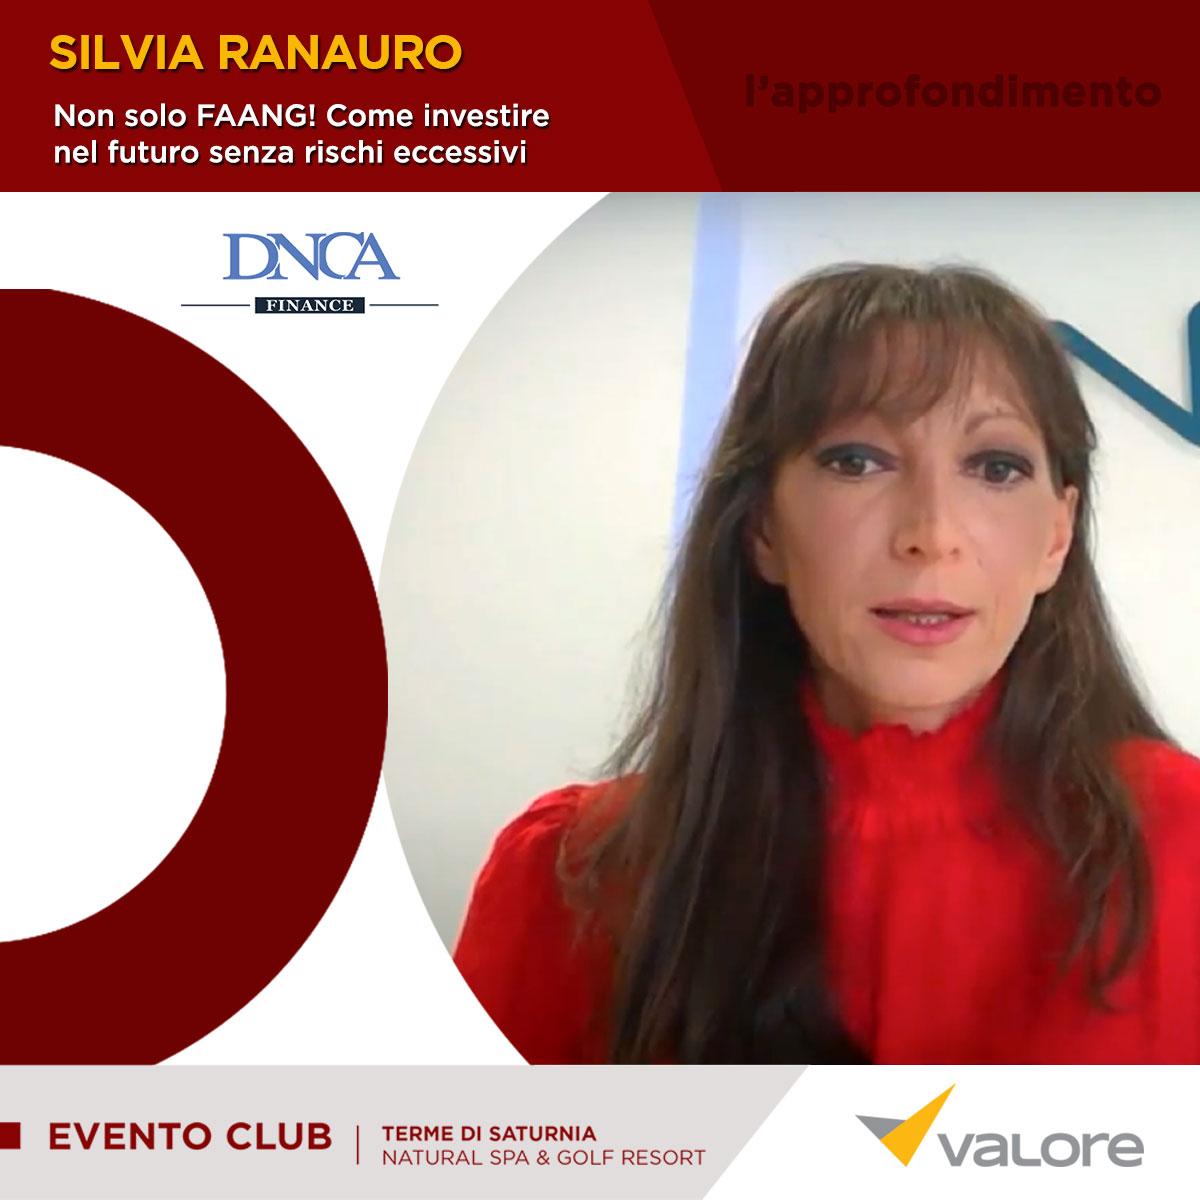 cover_Silva_Ranauro